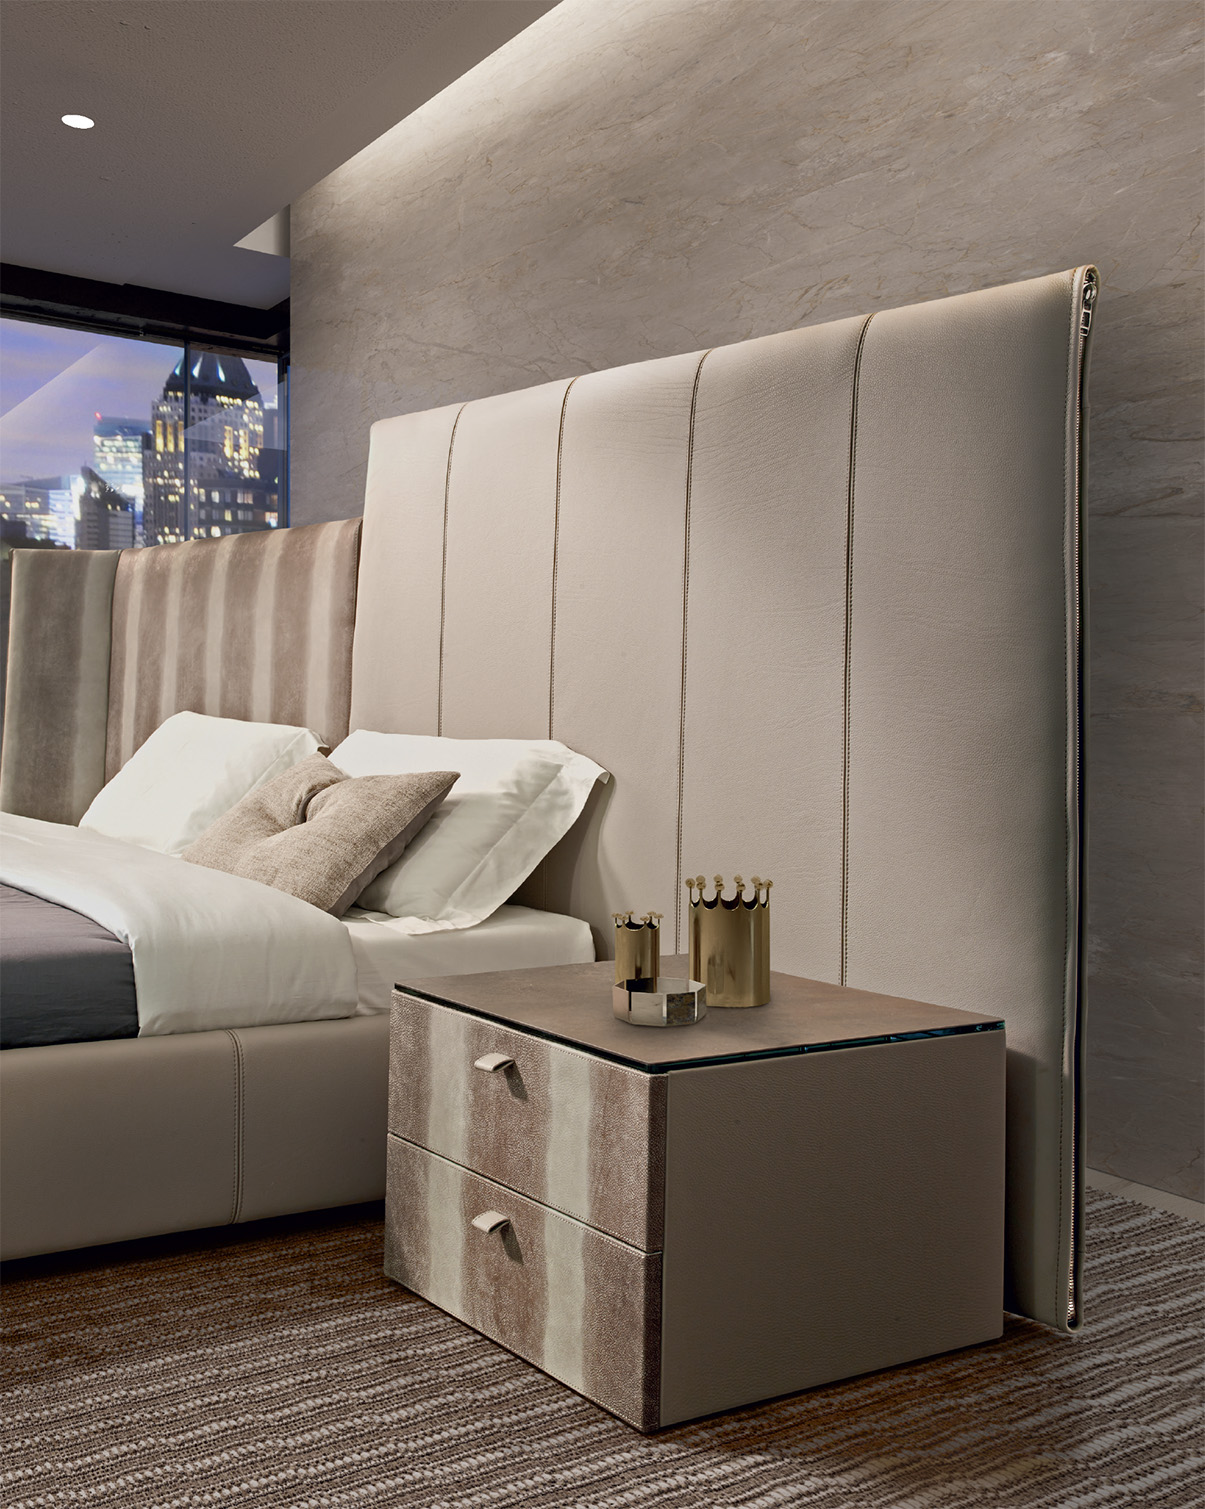 רשת אליתה ליוינג, שדרוג חדר שינה עם שידת צד, קרדיט: יחצ